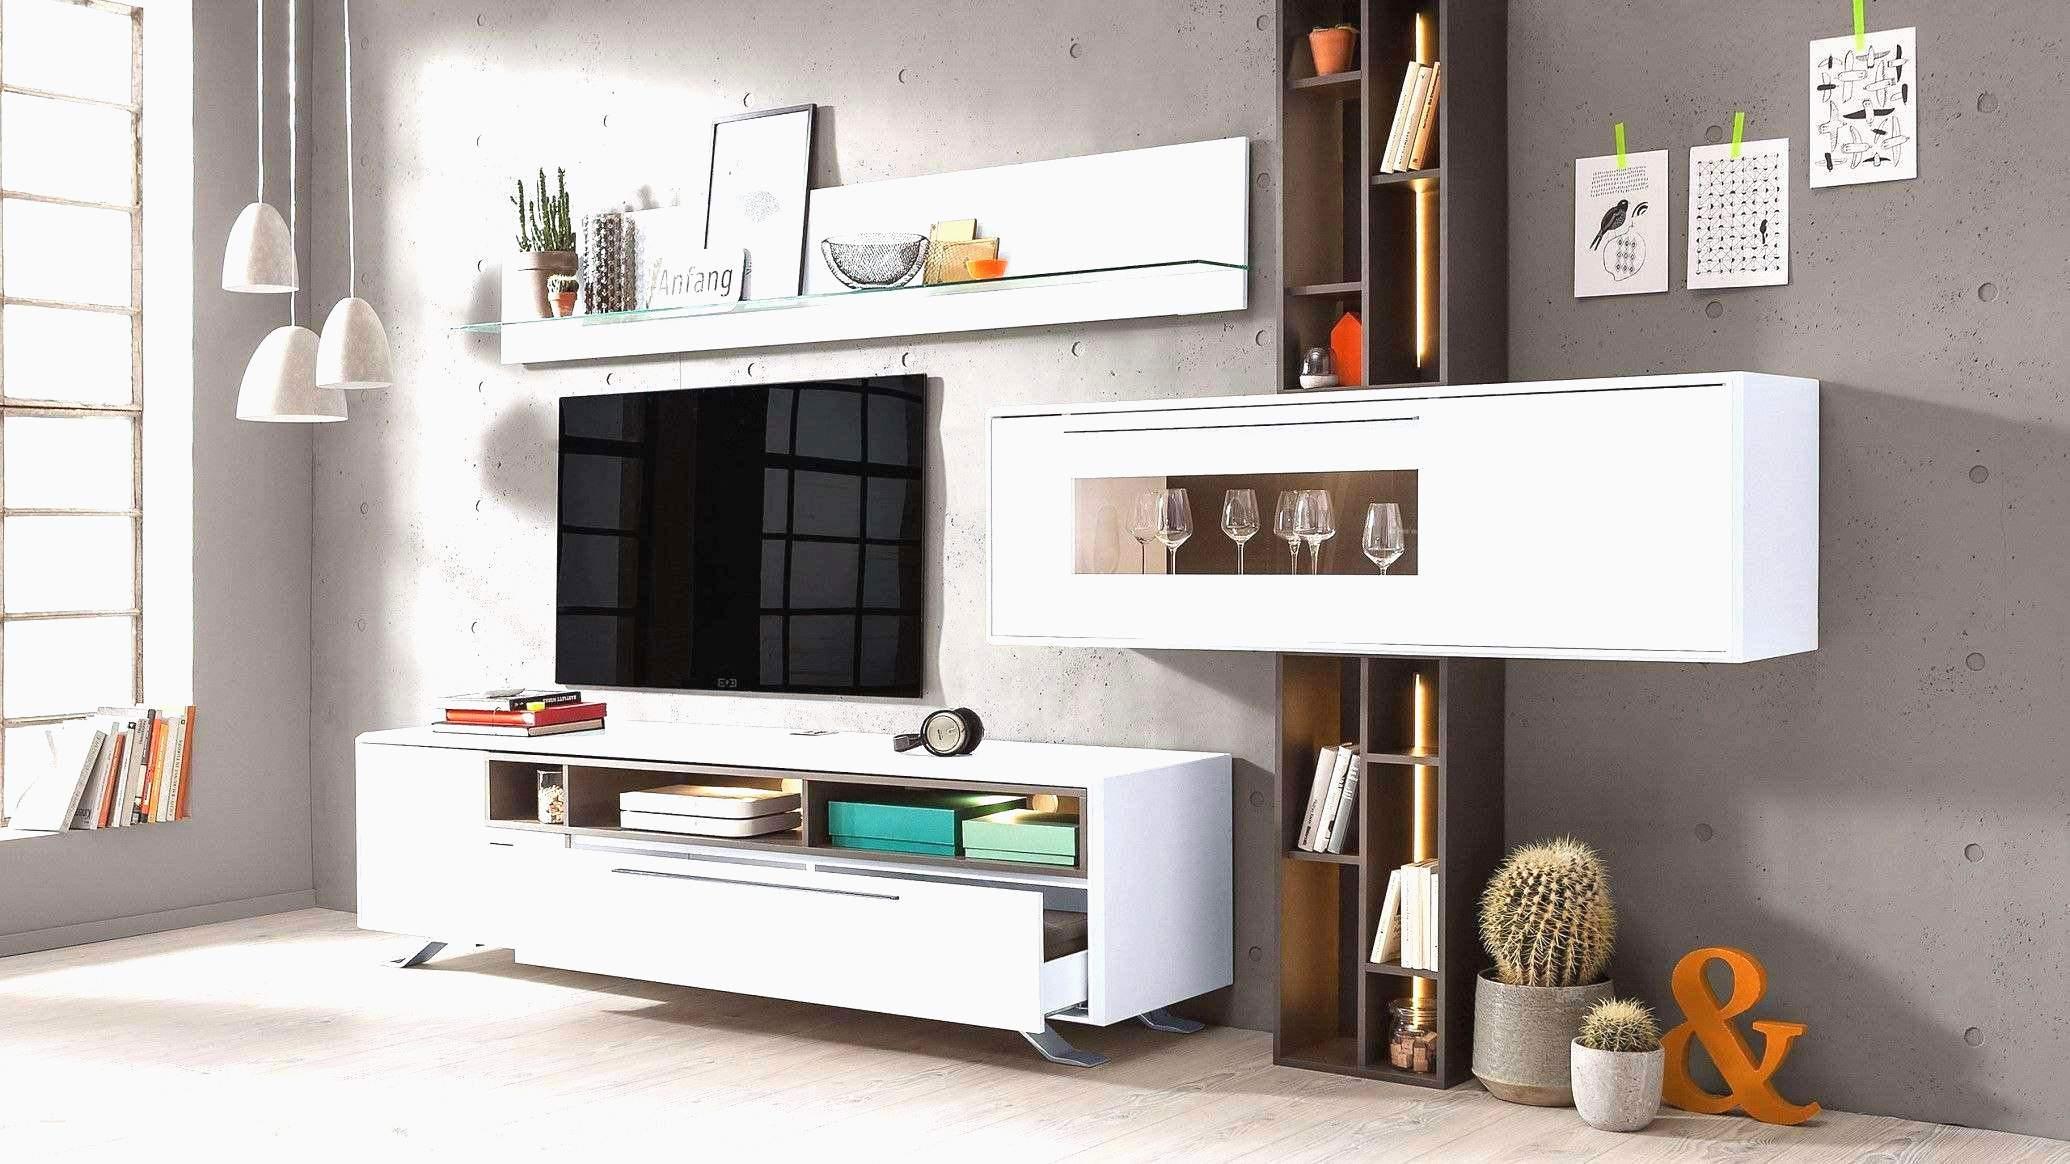 wanddekoration wohnzimmer beispiele genial wanddeko wohnzimmer planen besten ideen ses jahr of wanddekoration wohnzimmer beispiele